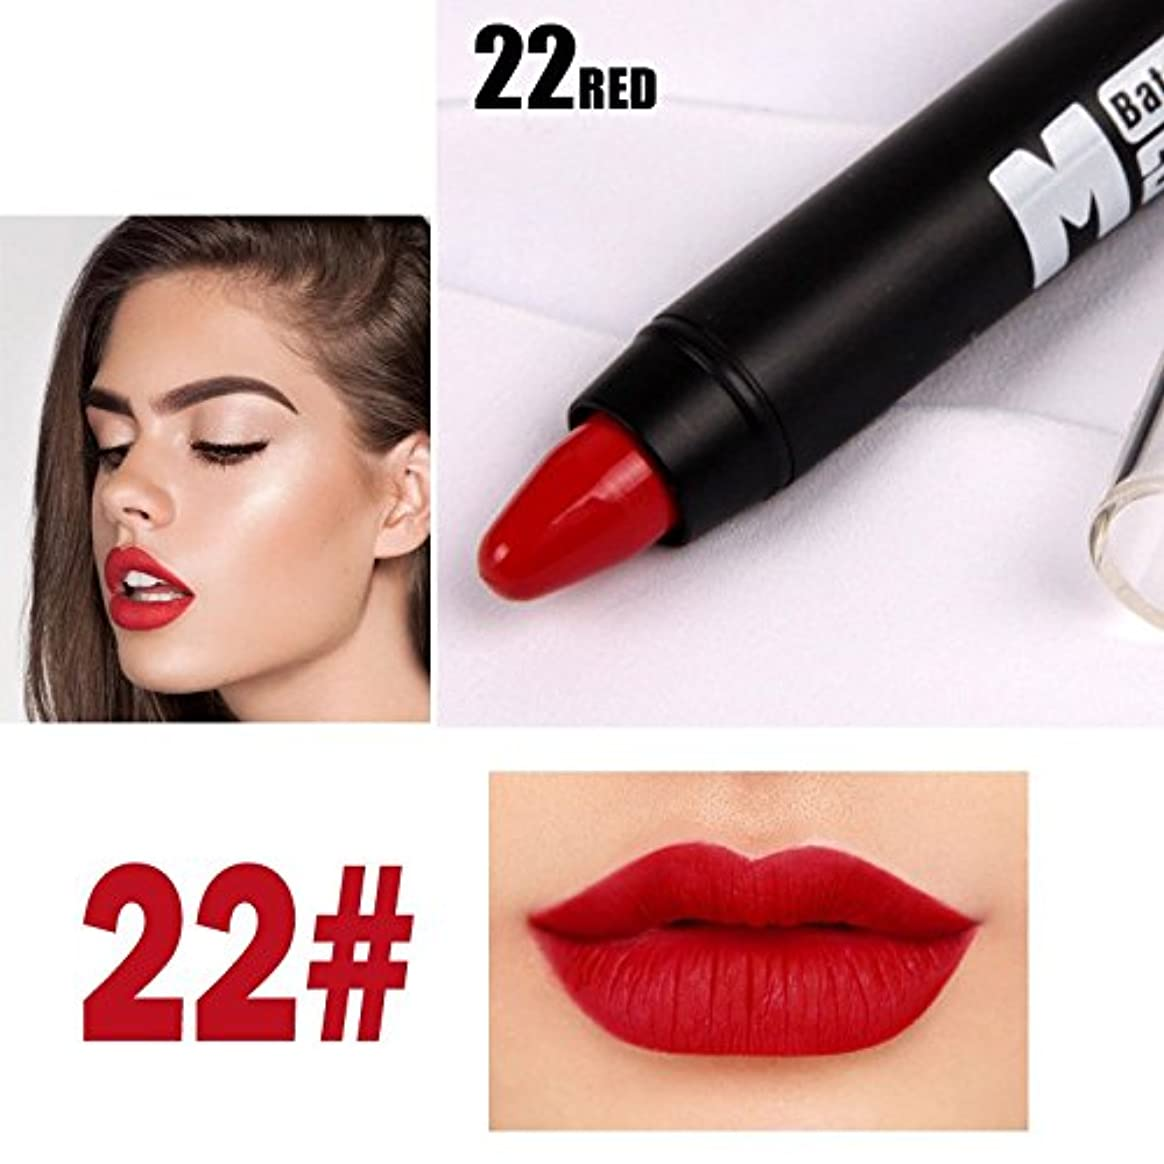 算術ロバスラッシュMISS ROSE Professional Women Waterproof Lipstick Lips Cream Beauty Lote Batom Matte Lipstick Nude Pencils Makeup